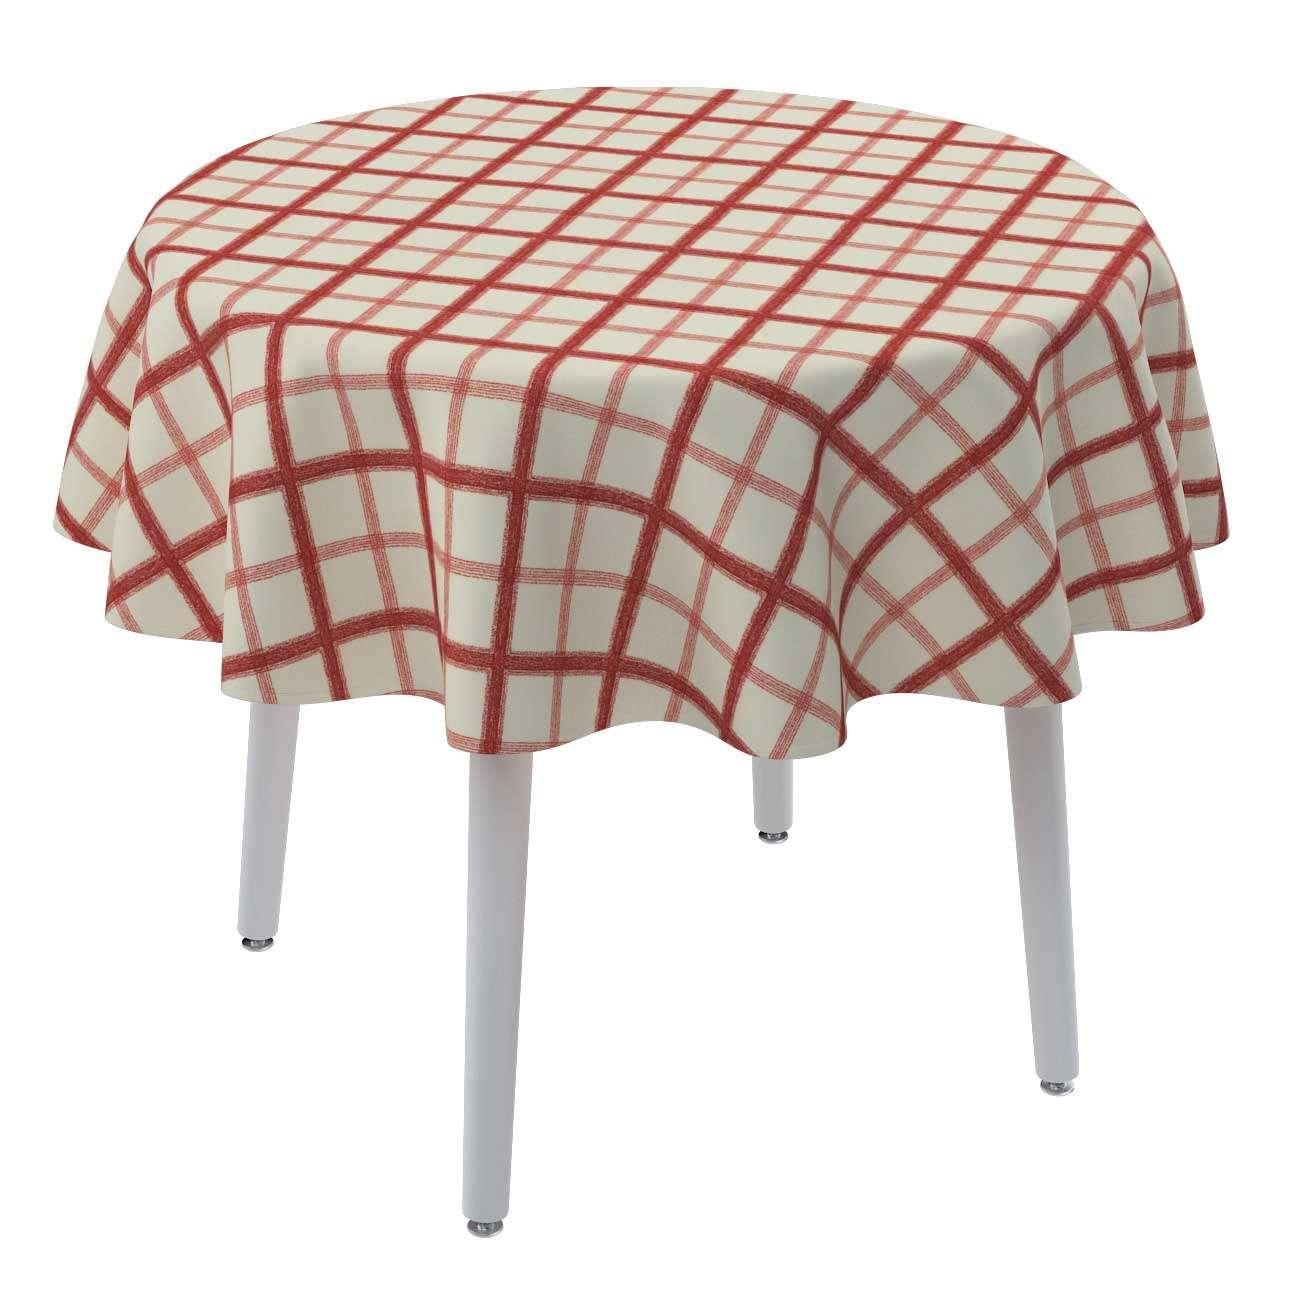 Runde borddug Ø 135 cm fra kollektionen Avinon, Stof: 131-15